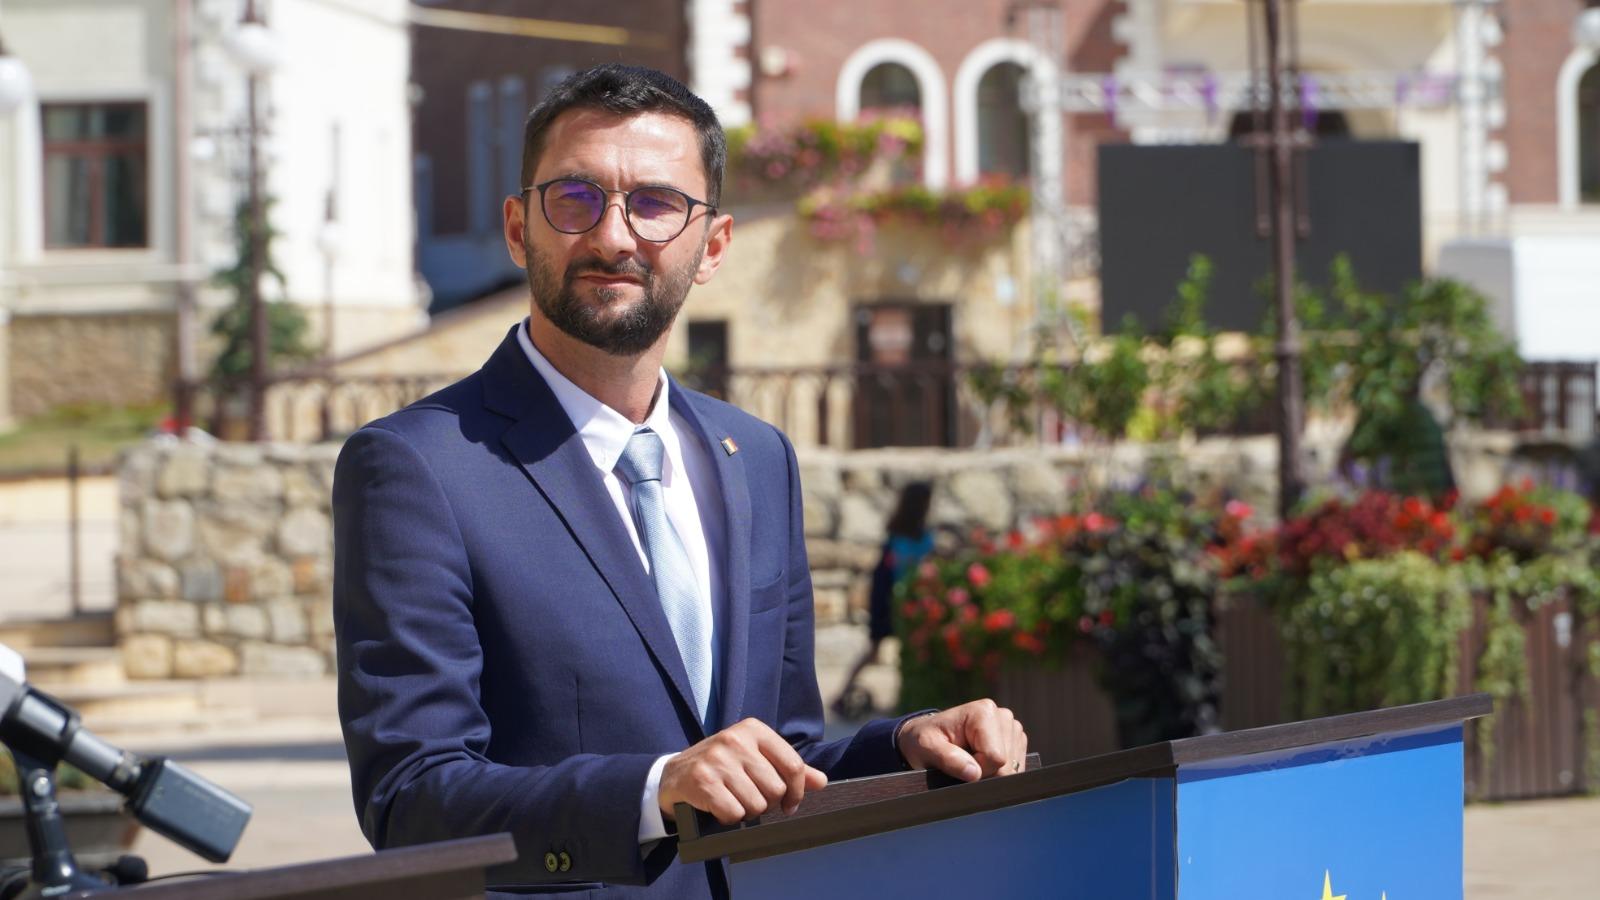 Rezultate finale alegeri locale 2020 Primăria Piatra-Neamț. Liberalul Andrei Carabelea este noul primar. Ce spune acesta